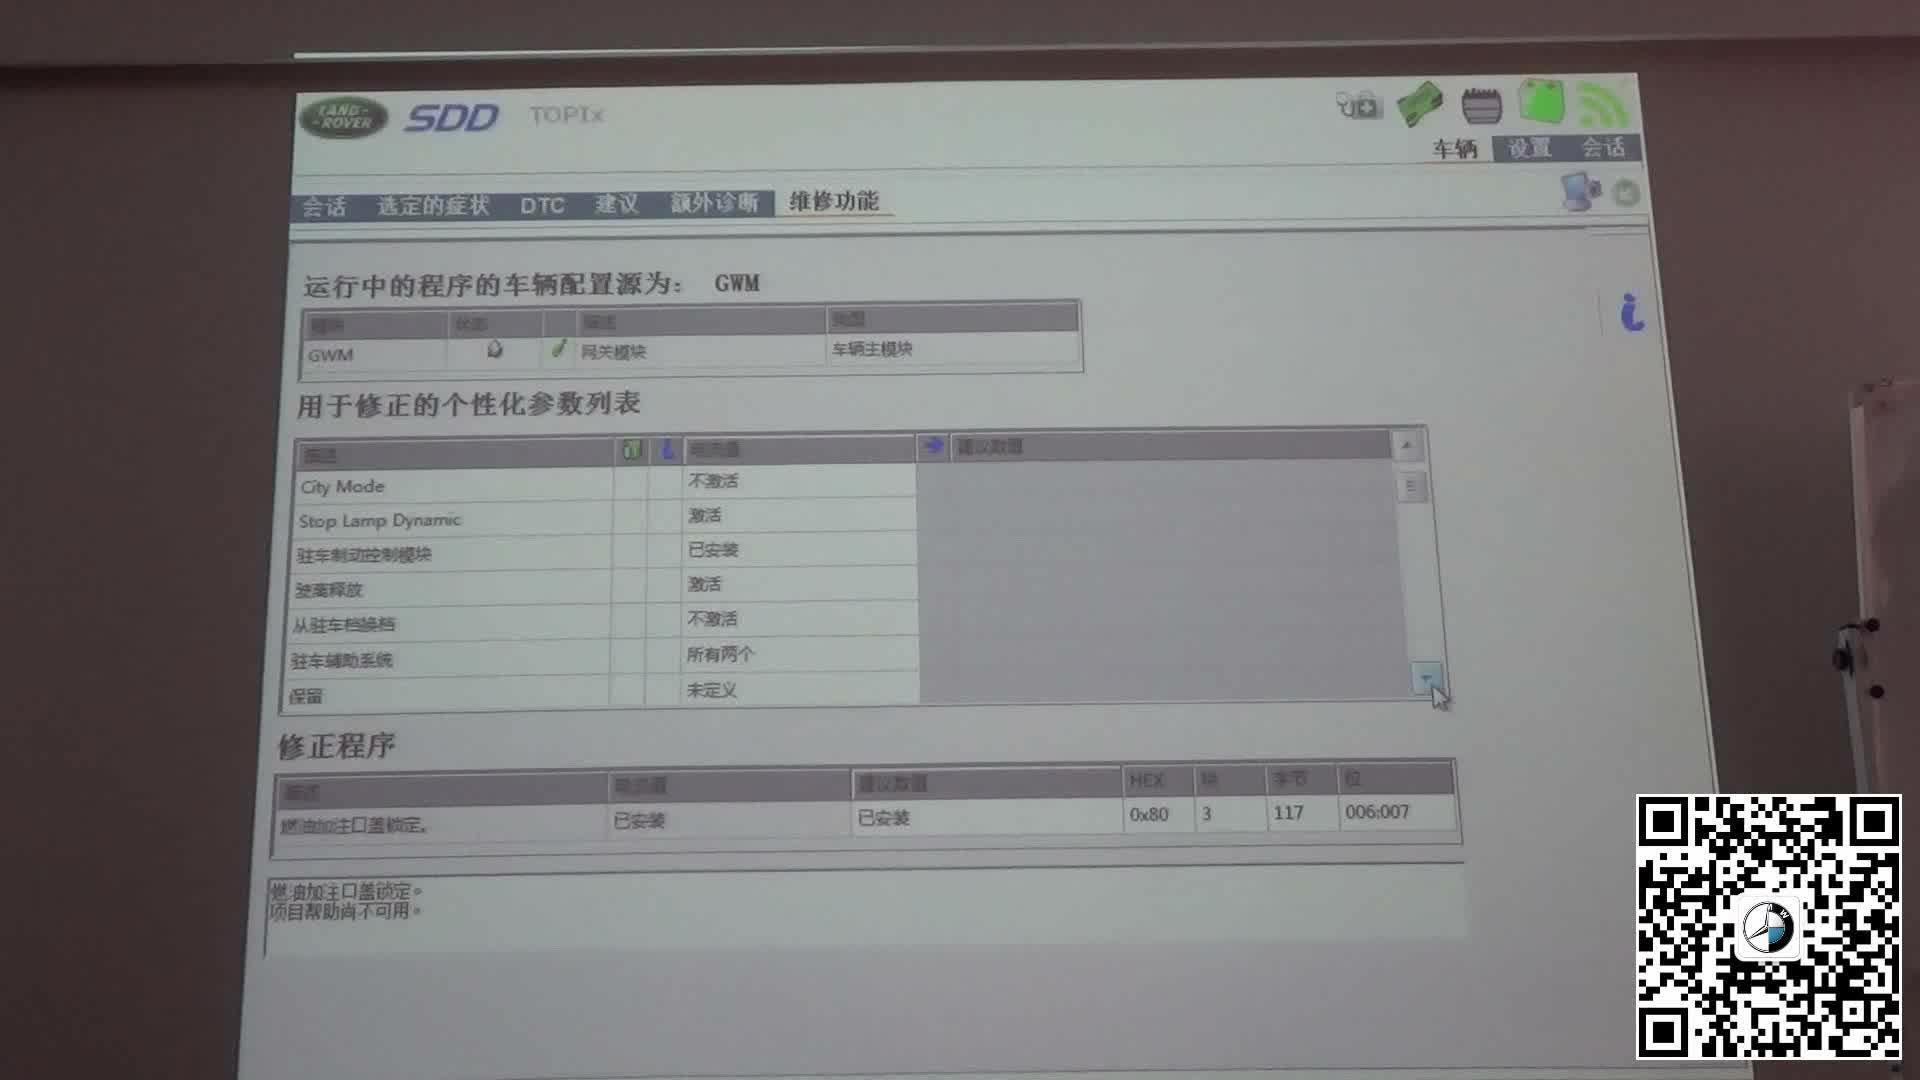 路虎工程师-SDD刷隐藏与改装低配升高配设置-3